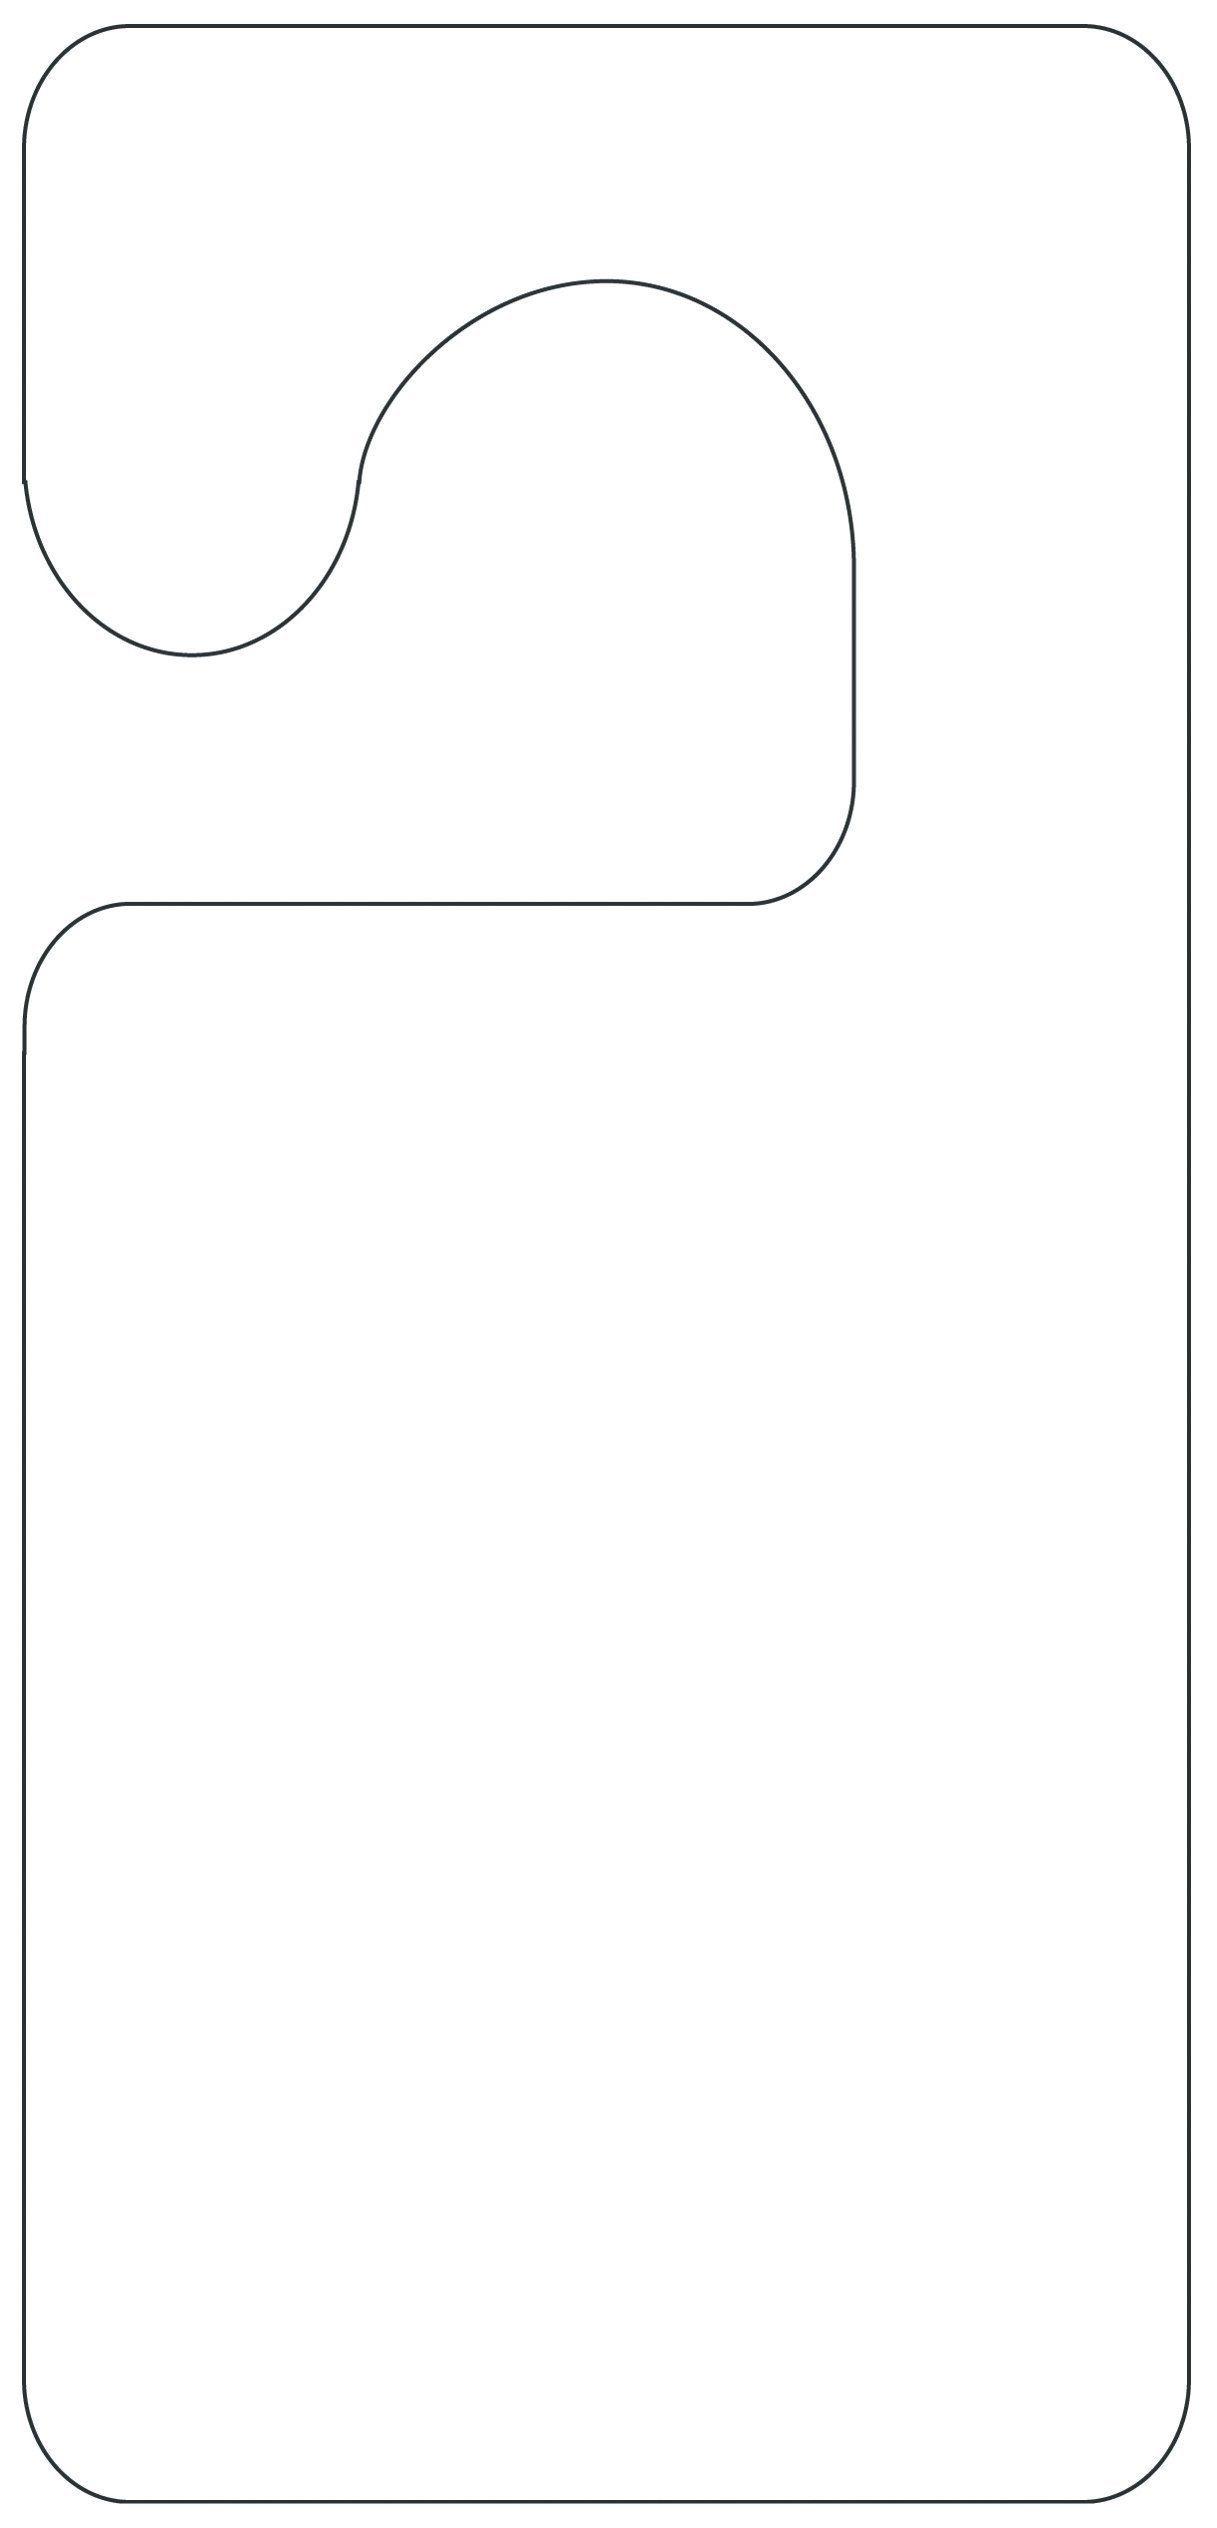 Printable Door Hanger Template | Girl Scouts | Door Hanger Template - Free Printable Door Knob Hanger Template